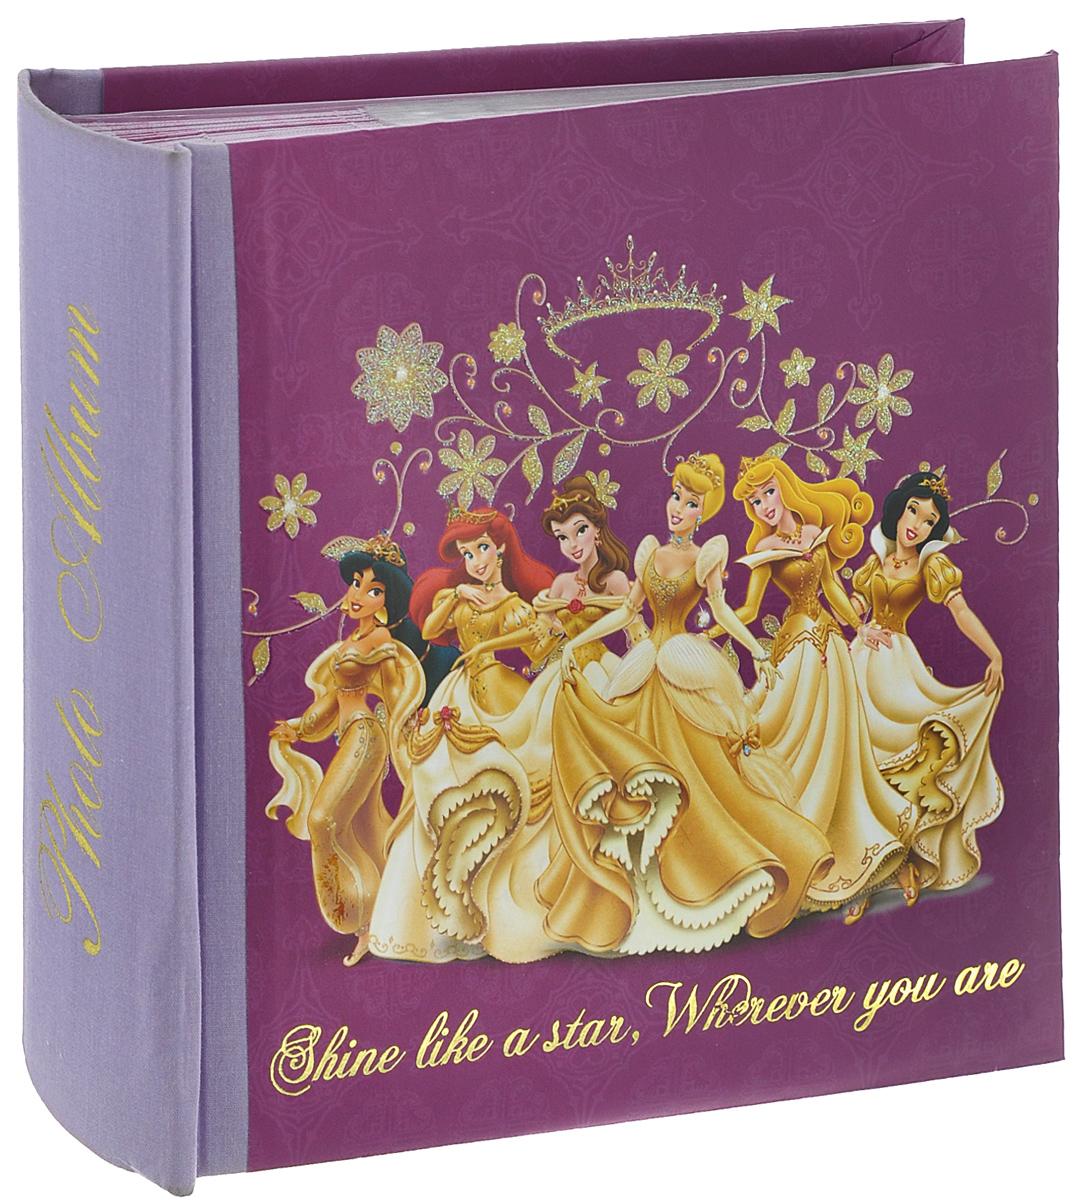 Фотоальбом Pioneer Gold Princess, 100 фотографий, 10 см х 15 смBBM46200/2/042Фотоальбом Pioneer Gold Princess поможет красиво оформить ваши фотографии. Обложка, выполненная из толстого картона, оформлена изображением героев из известных мультфильмов. Внутри содержится блок из 50 листов с фиксаторами-окошками из полипропилена. Альбом рассчитан на 100 фотографий формата 10 см х 15 см (по 1 фотографии на странице). Переплет - книжный. Нам всегда так приятно вспоминать о самых счастливых моментах жизни, запечатленных на фотографиях. Поэтому фотоальбом является универсальным подарком к любому празднику.Количество листов: 50.